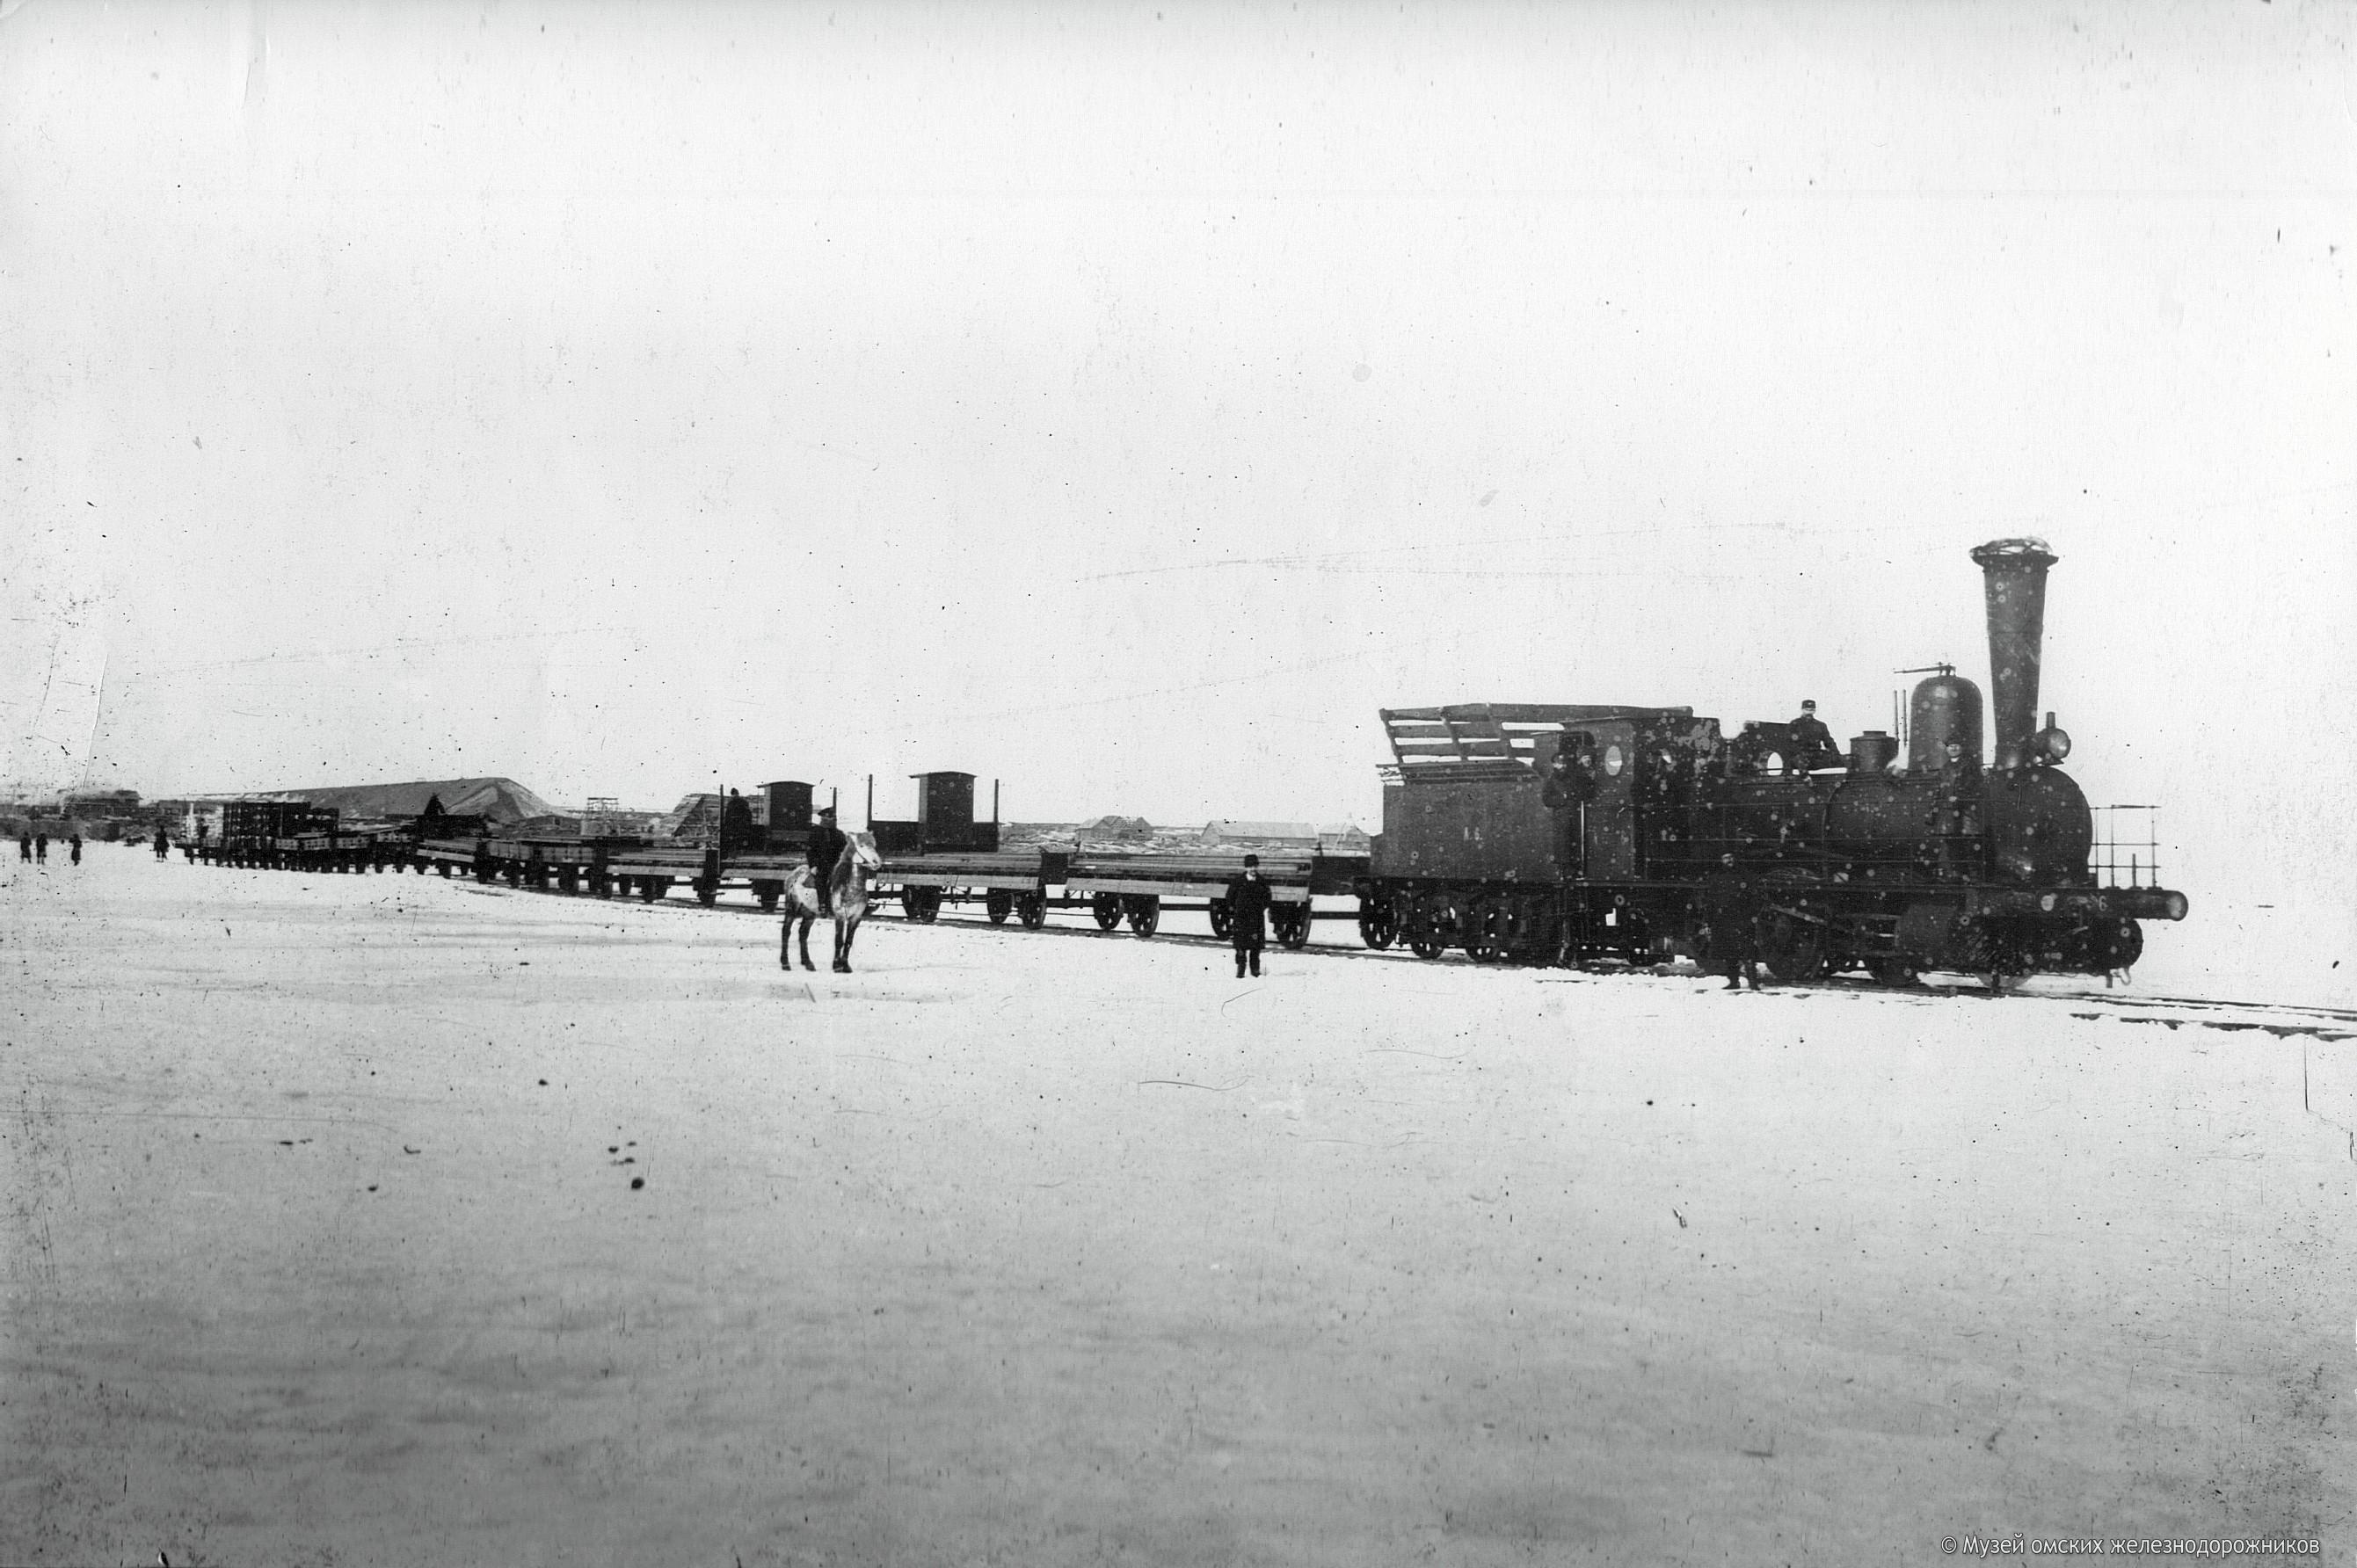 1895. Поезд, груженный рельсами, пересекает Иртыш по временной ветке на льду. 19 февраля